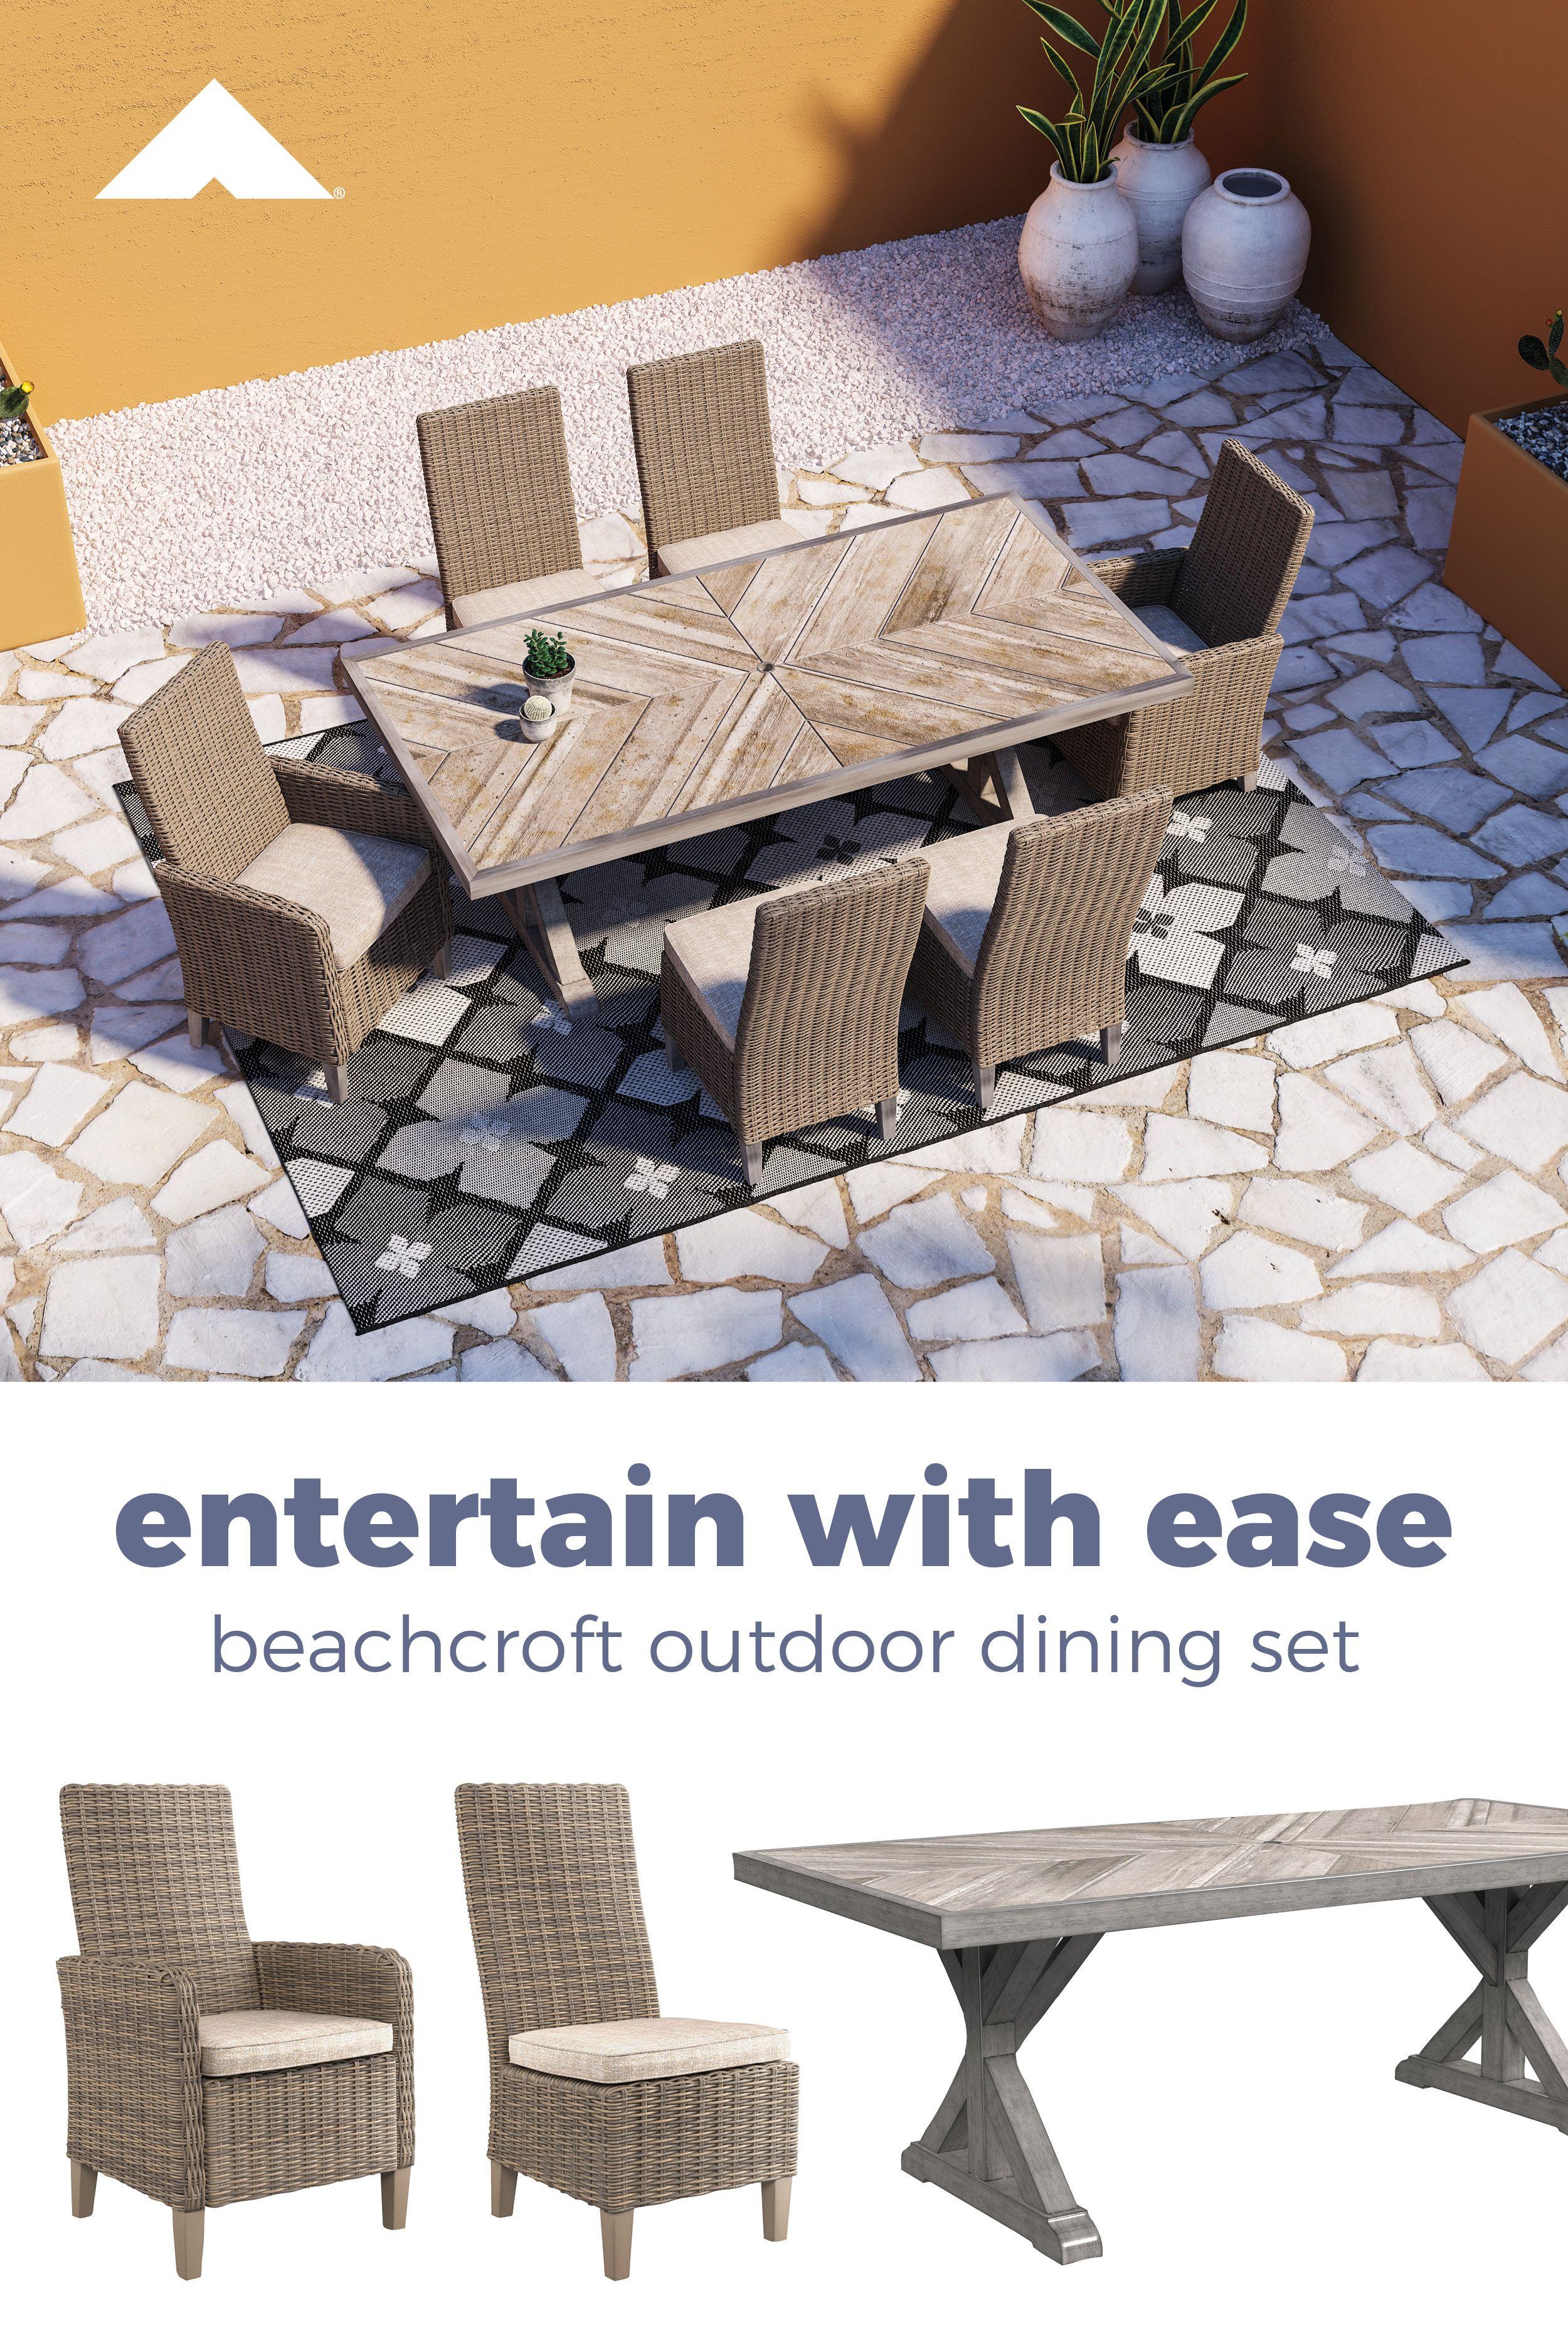 Beachcroft Beige Indoor And Outdoor Dining Furniture By Ashley Furniture Ashleyfurniture Dining Outdoor Dining Furniture Patio Remodel Outdoor Dining Set